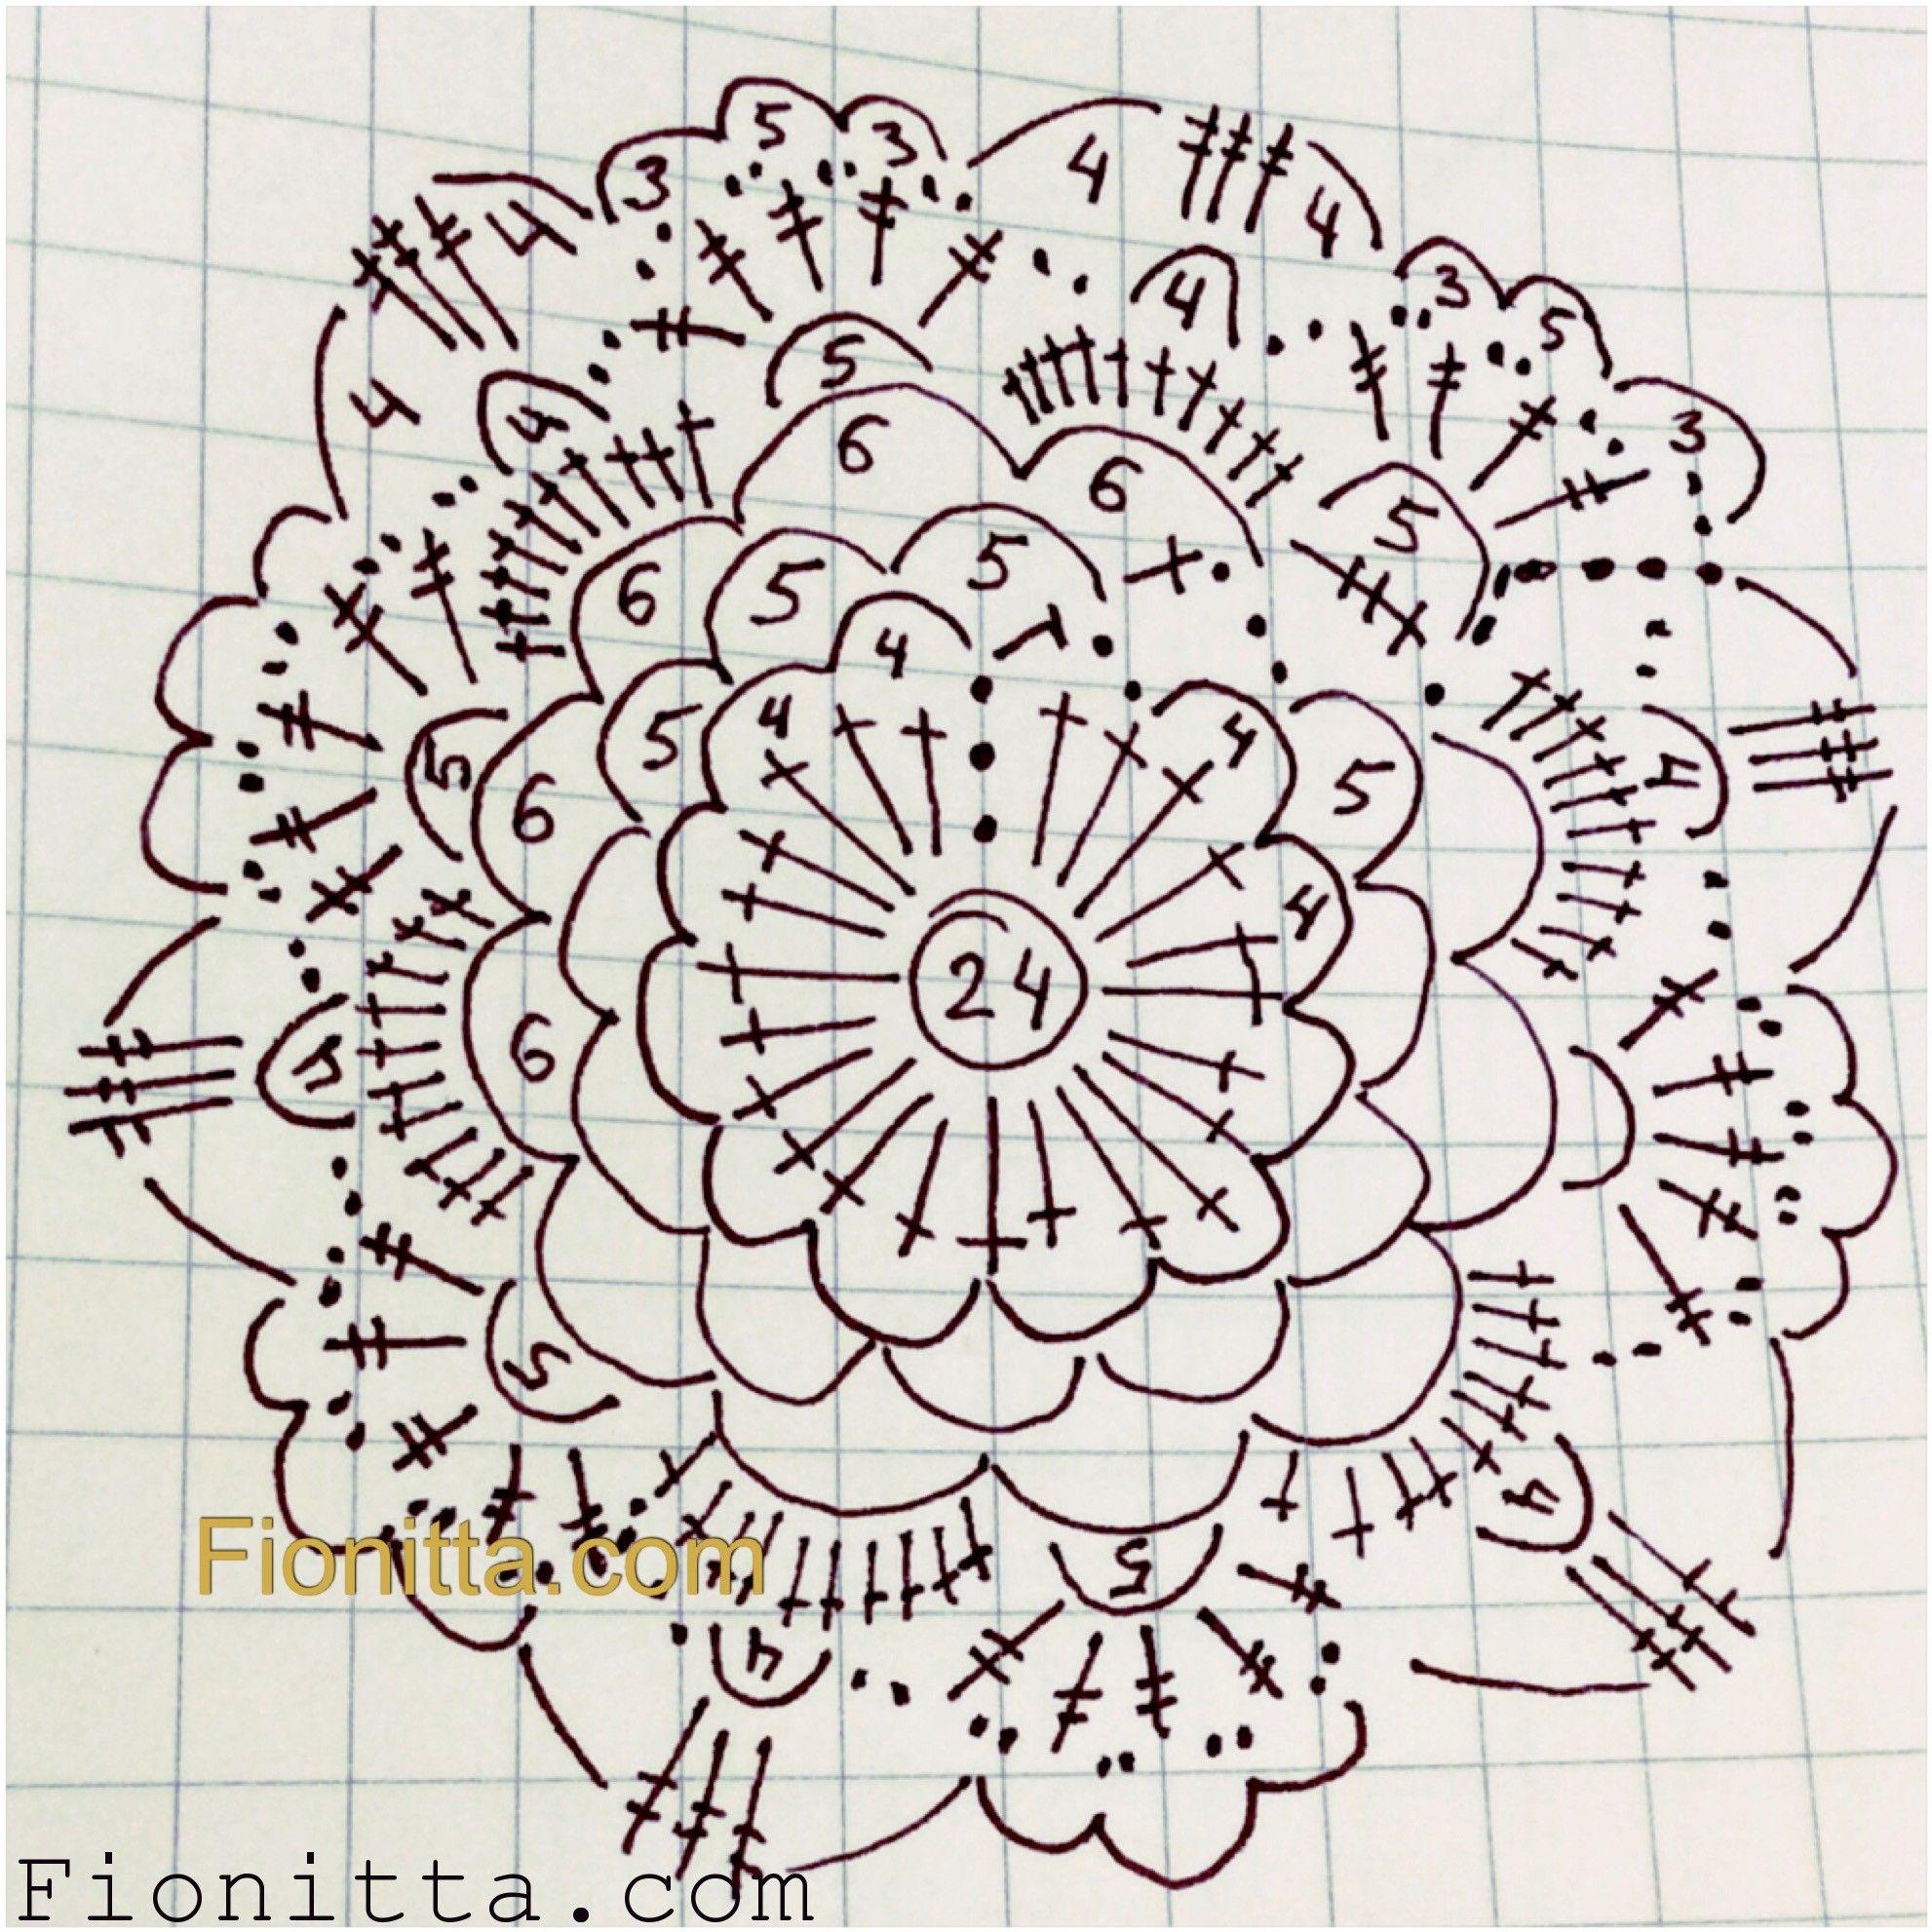 Motif 19 | Fionitta schema